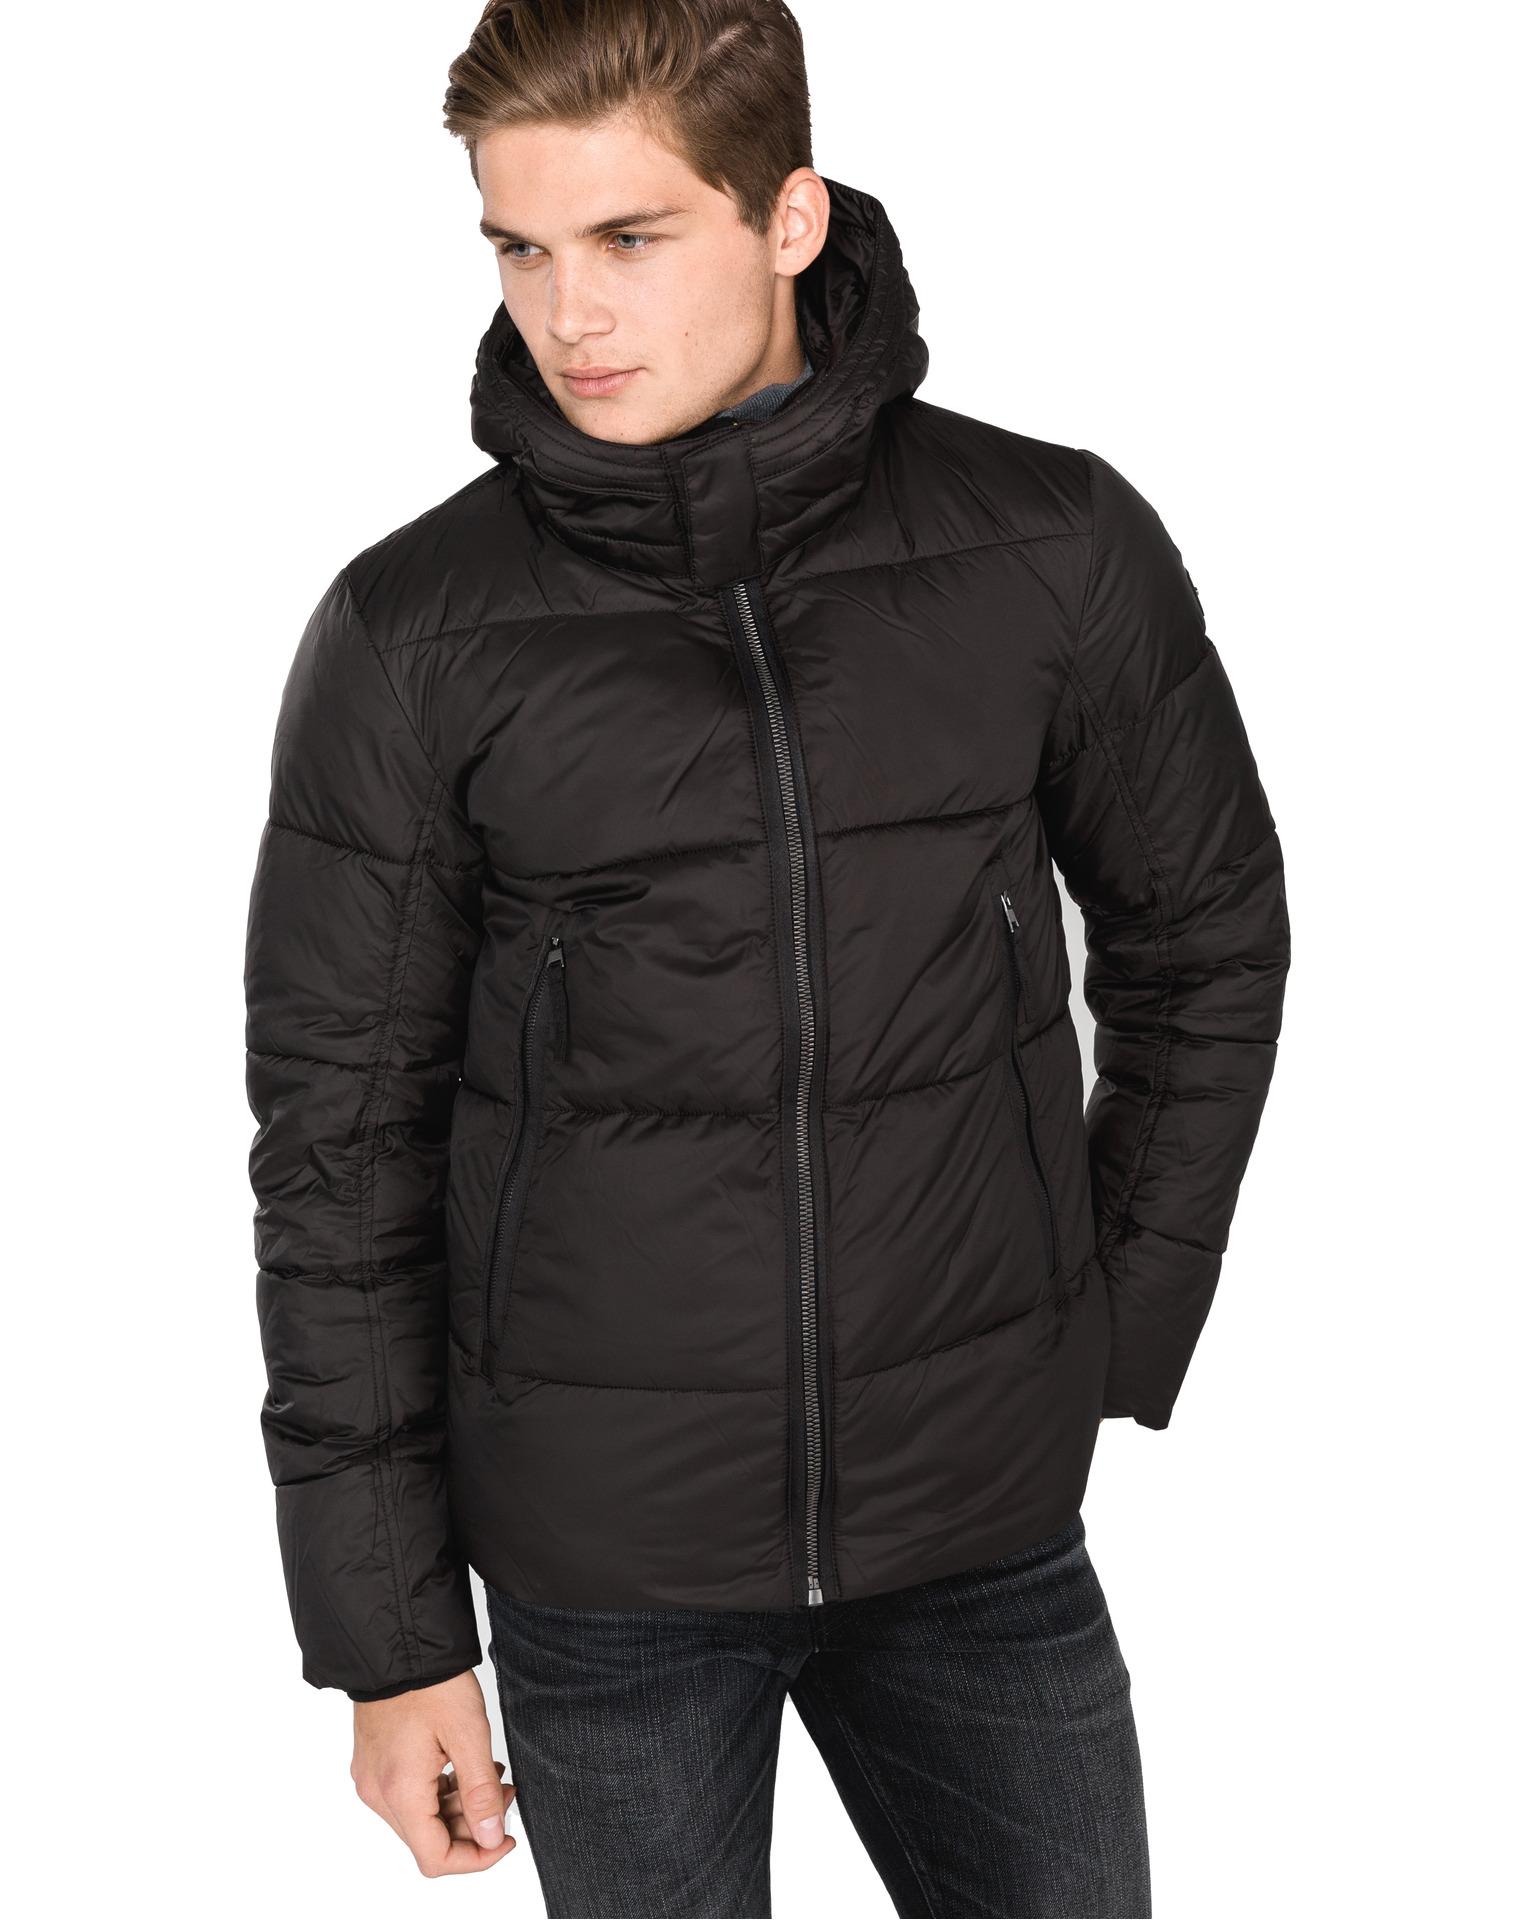 Férfi téli dzseki fekete Bolf B1280 GLAMI.hu